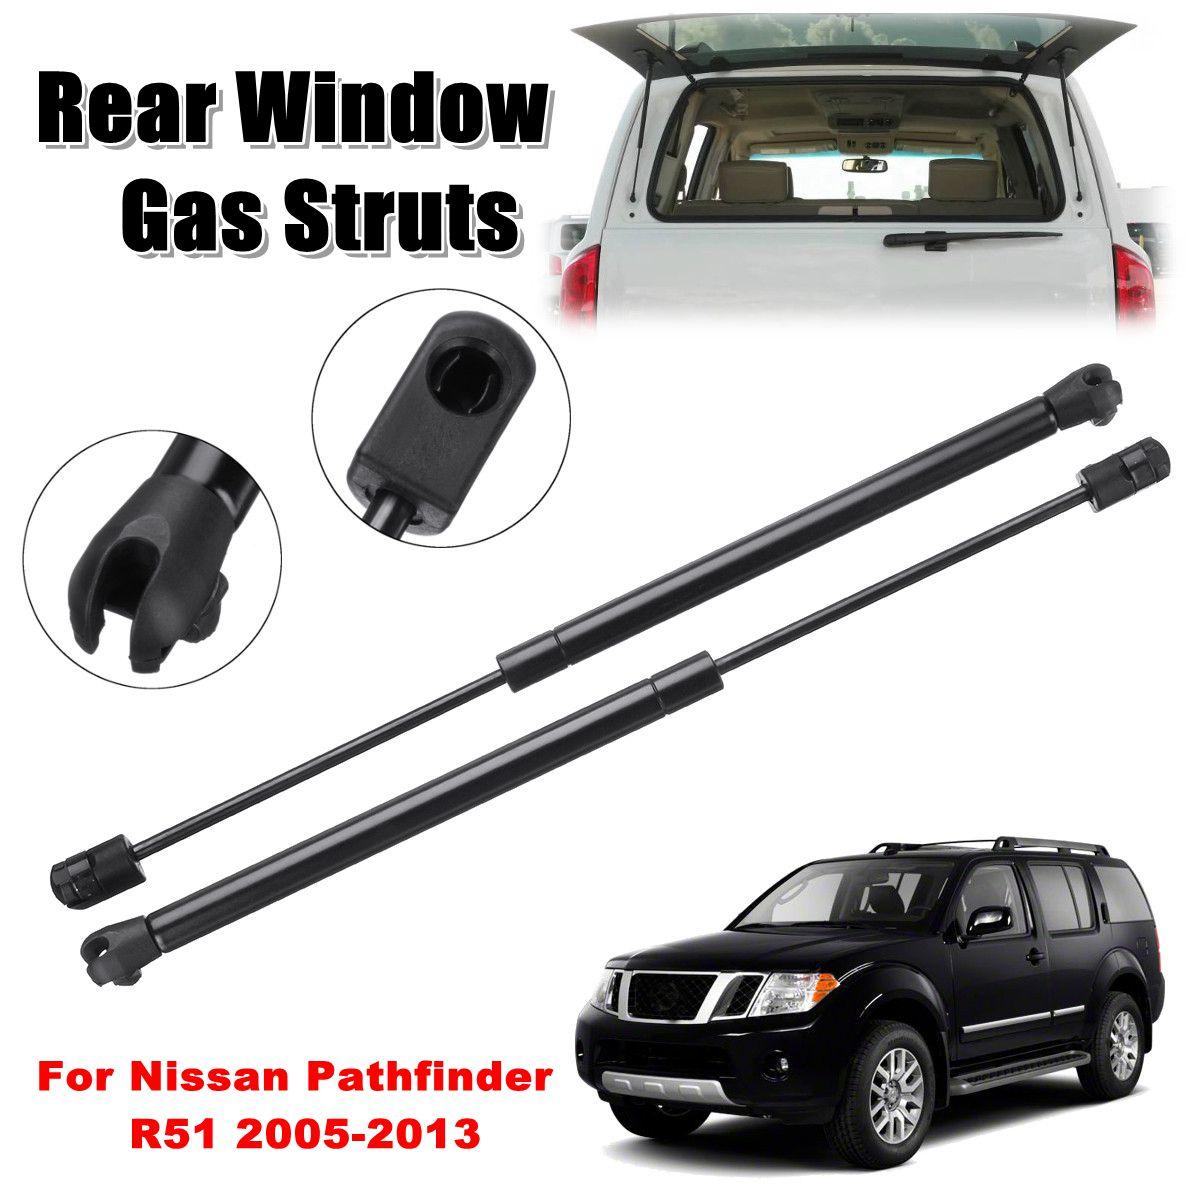 2 stücke Hinten Fenster Glas Gas Streben Unterstützung Sring Für Nissan Pathfinder R51 2005-2013 90460ZL90A